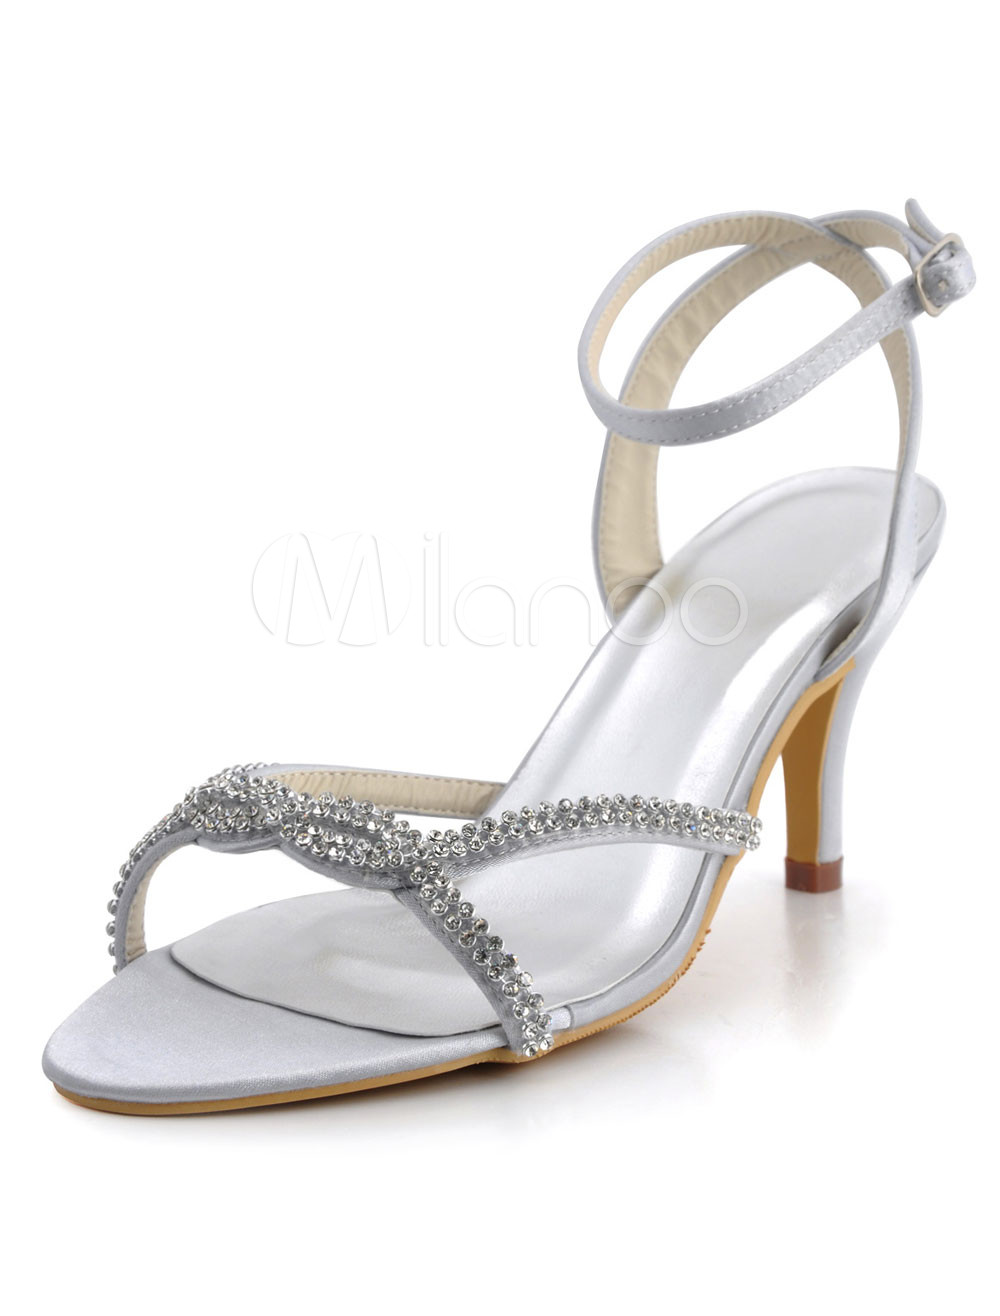 faschion damen sandaletten mit fesselriemchen und kunstdiamanten in wei f r hochzeit. Black Bedroom Furniture Sets. Home Design Ideas